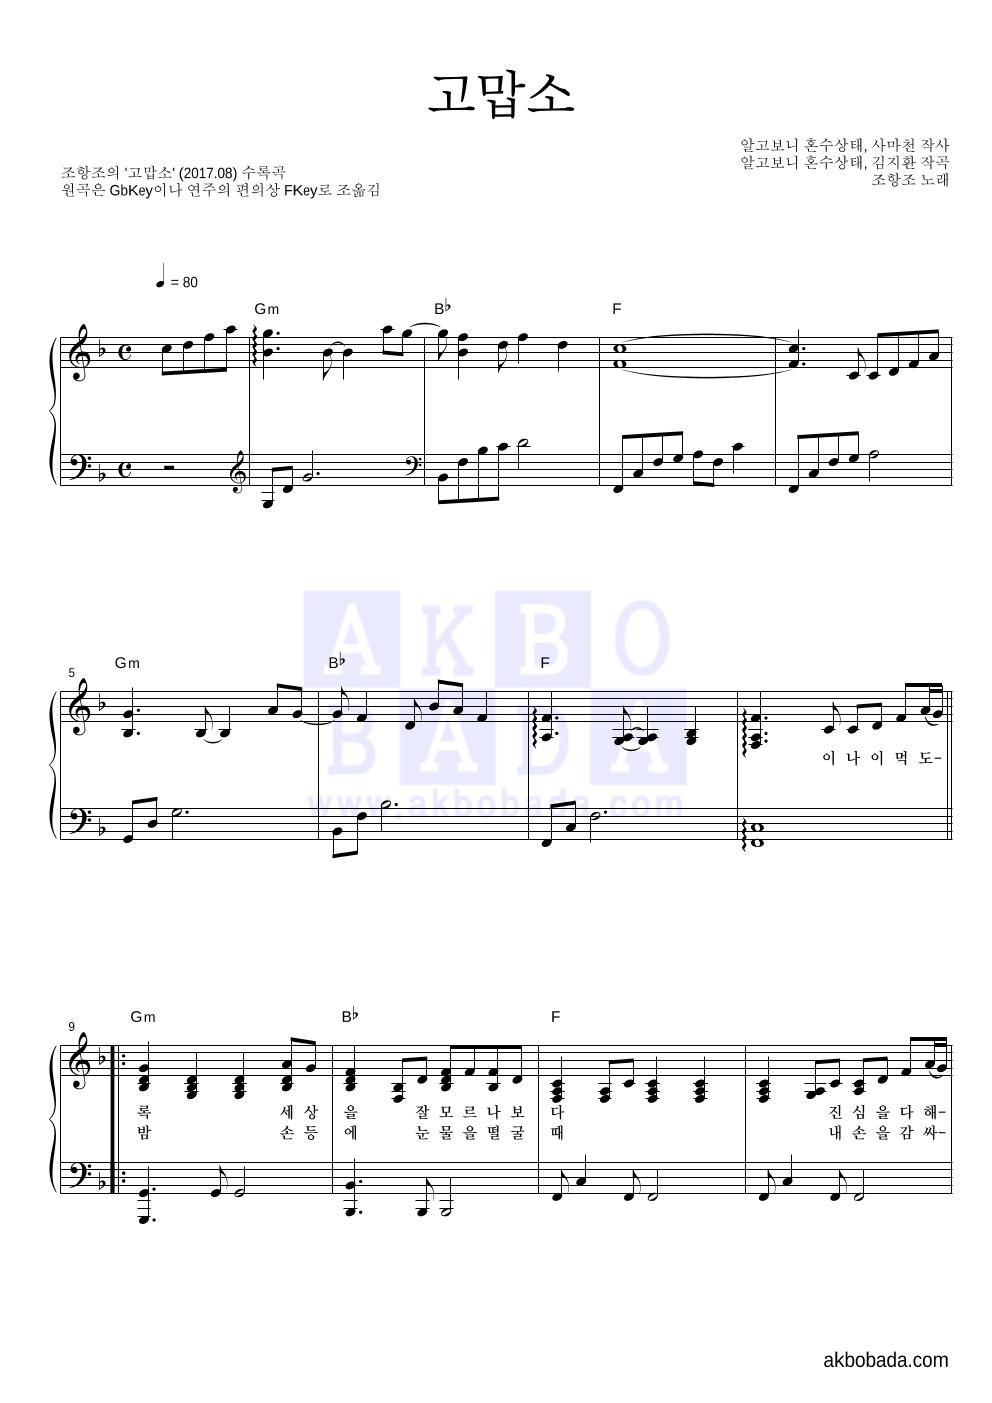 조항조 - 고맙소 피아노 2단 악보